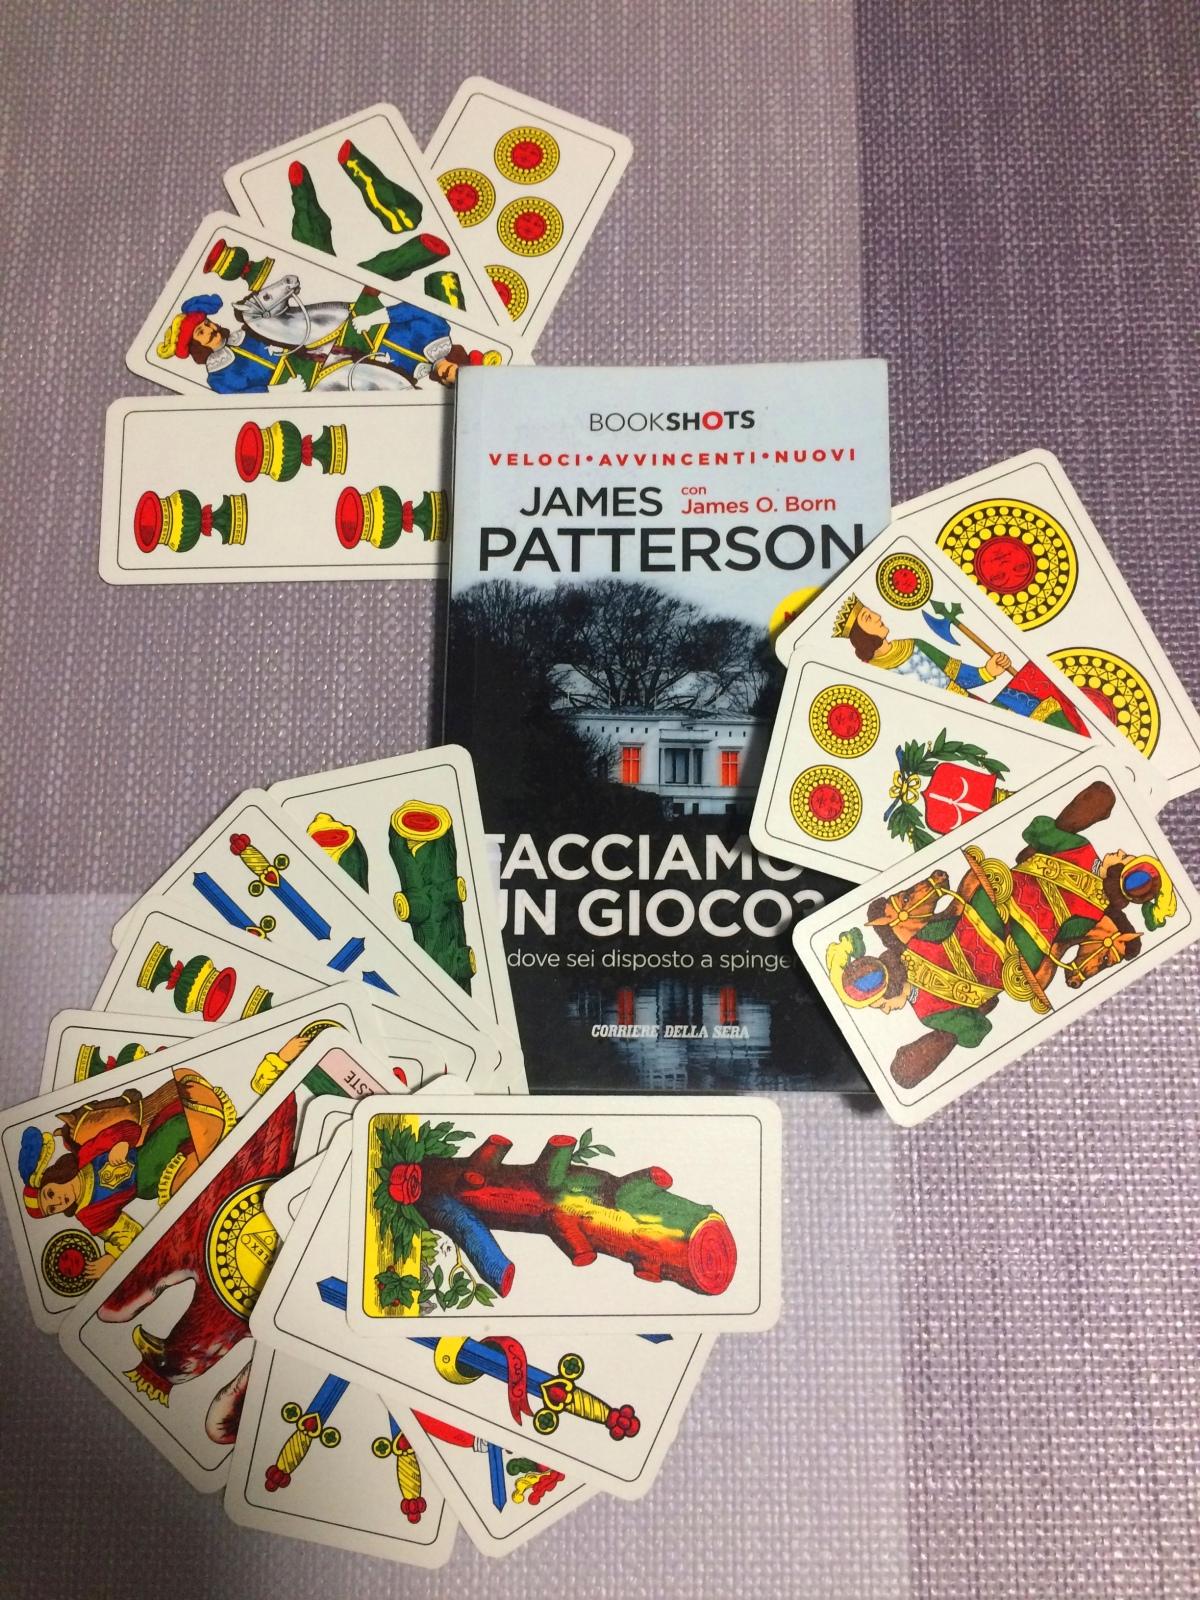 Facciamo un gioco di Richard Patterson con James O. Born⭐️⭐️⭐️